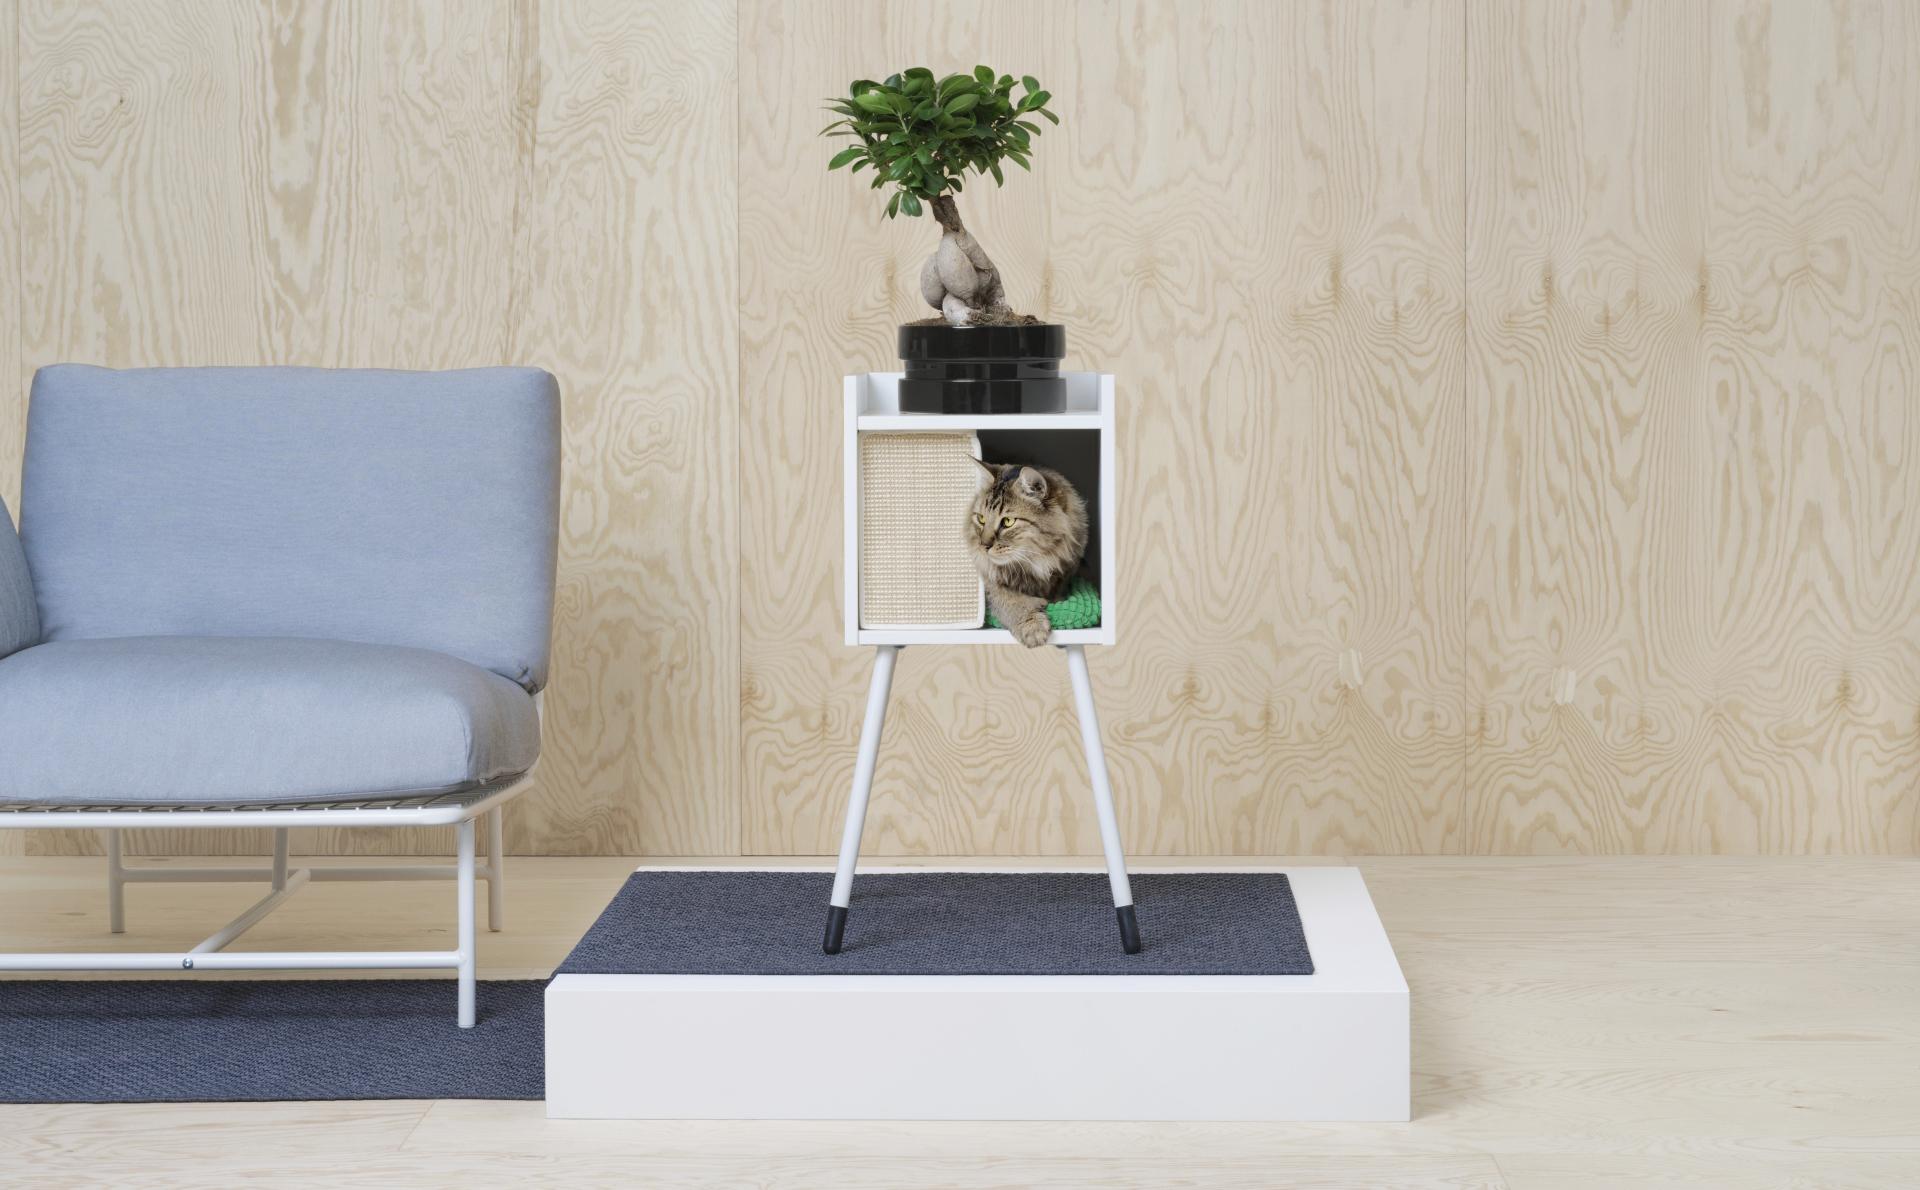 ikea para gatos los muebles suecos m s ronroneantes